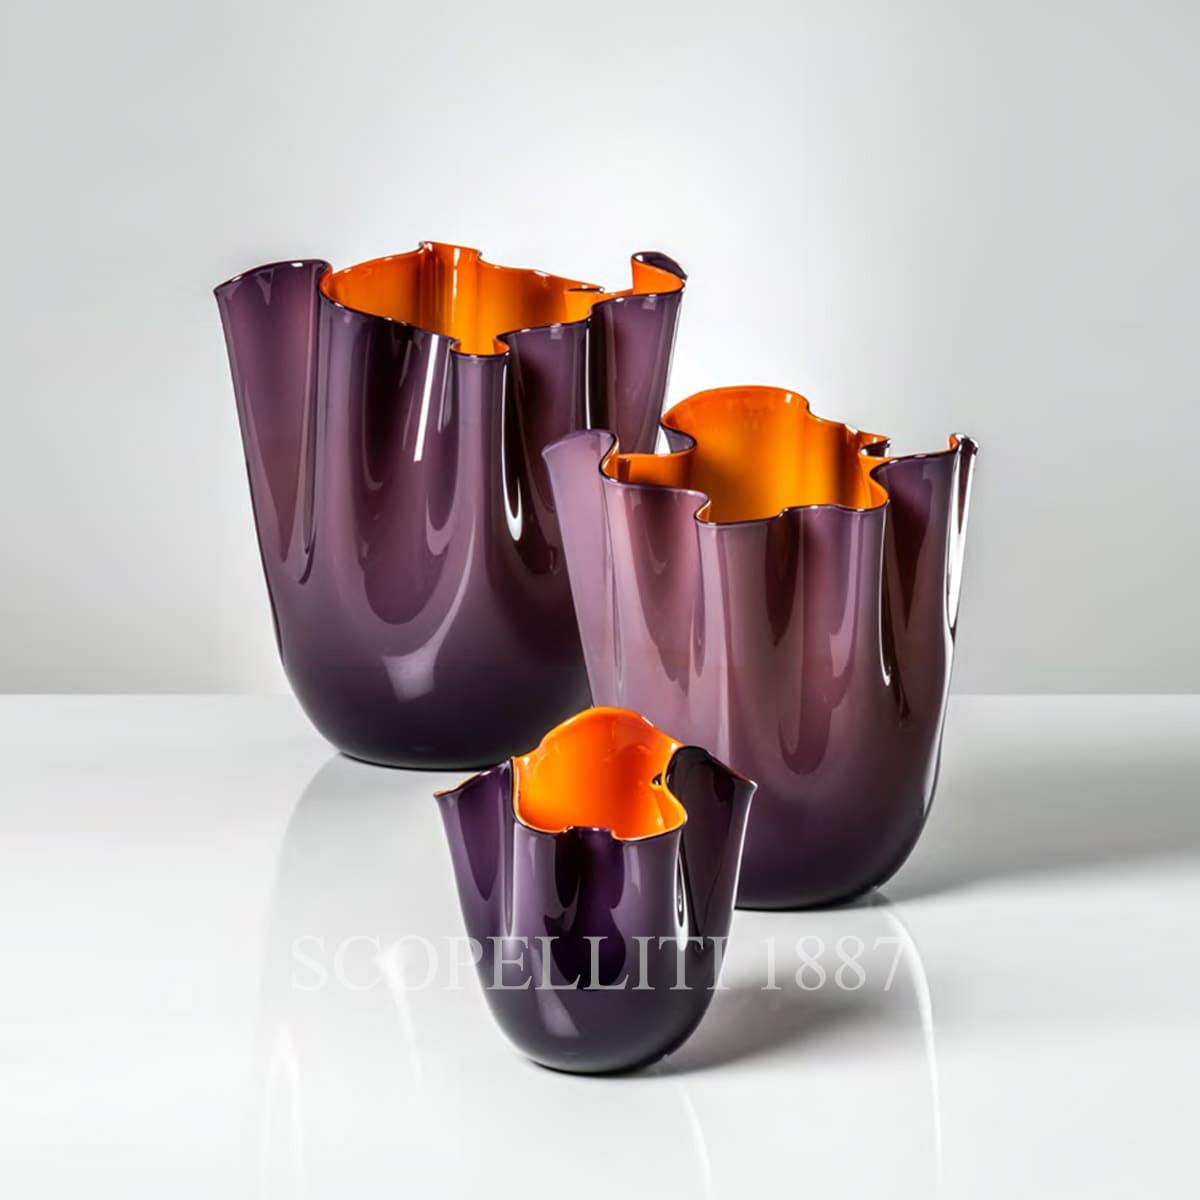 venini gift fazzoletto vase murano glass